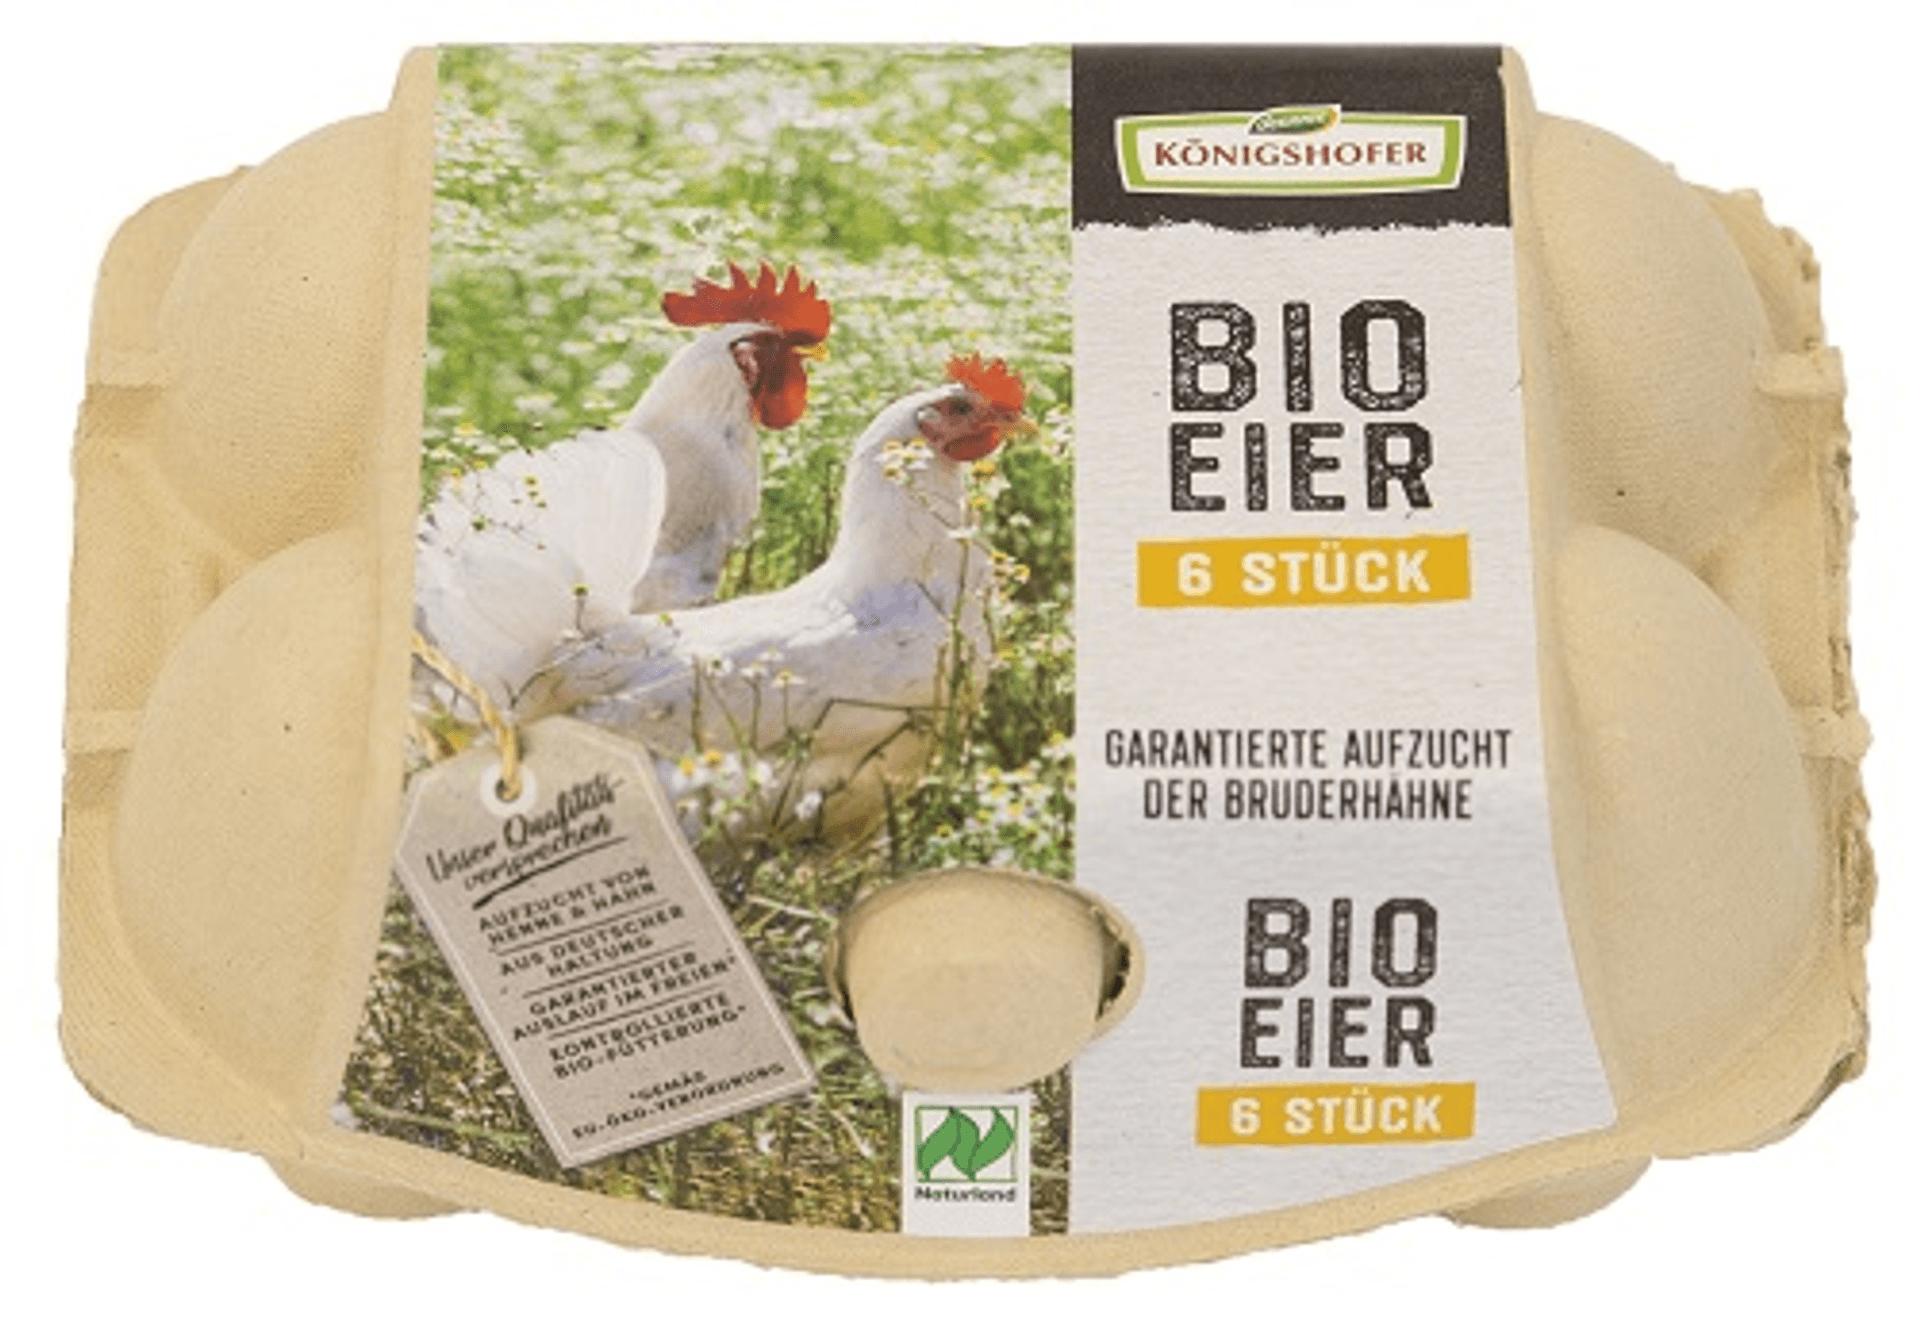 Schachtel Königshofer Bio-Eier